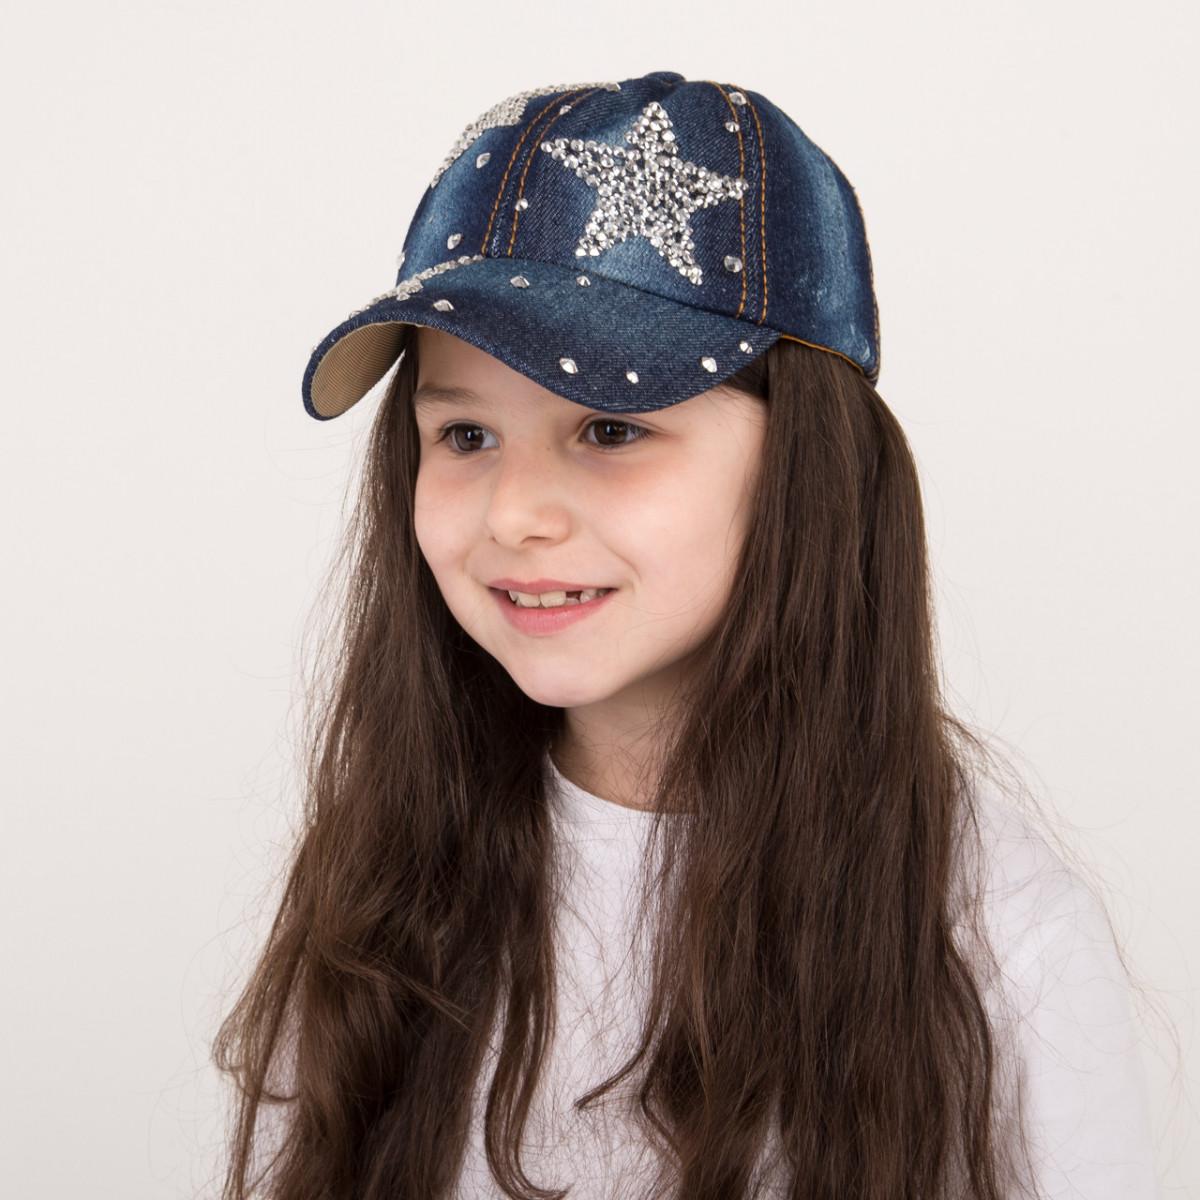 Стильная джинсовая кепка для девочек - STAR - 32018-14